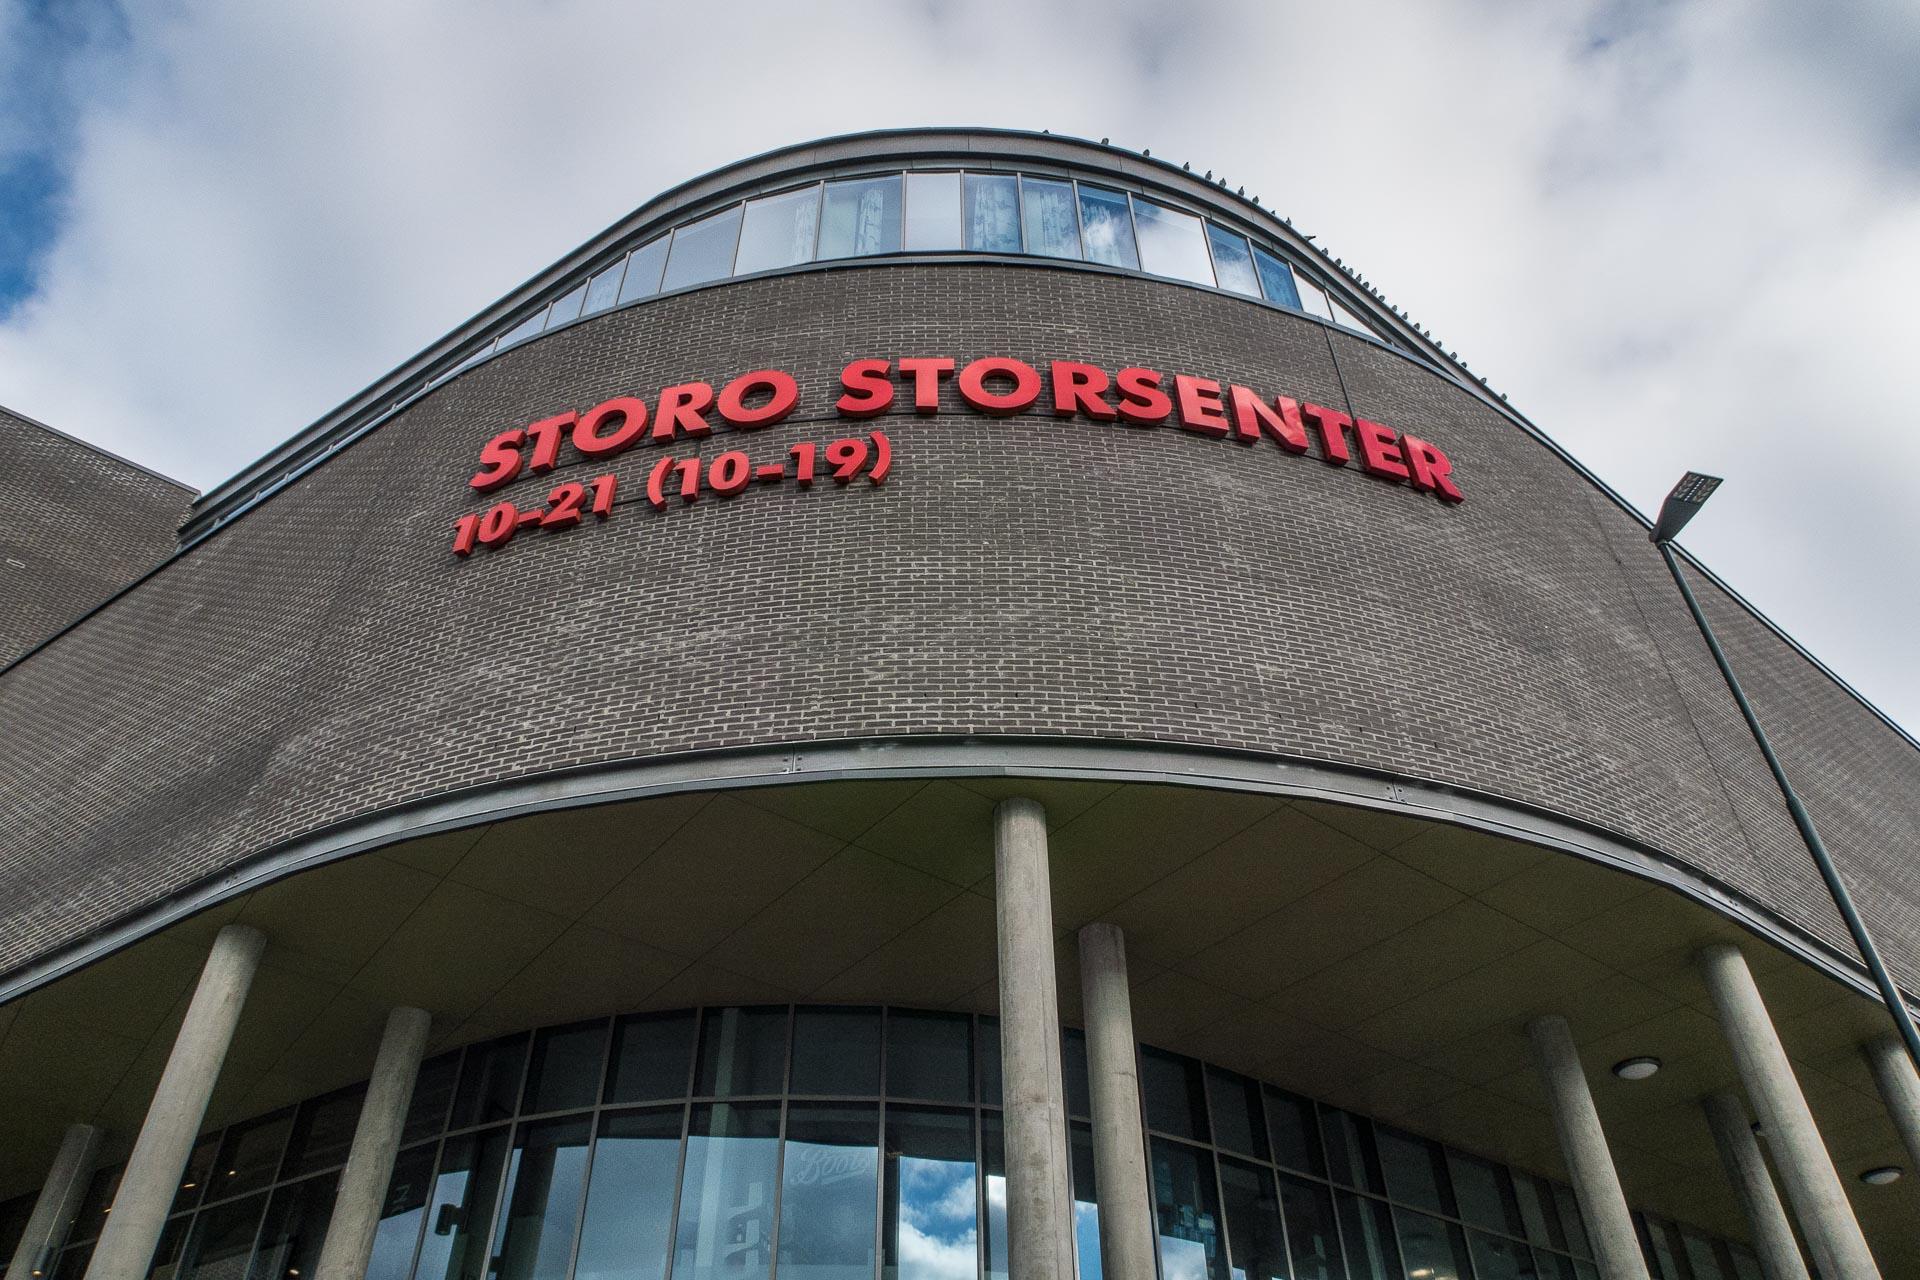 Storo Storsenter er et kjøpesenter som ligger sentralt på Storo og Nydalen i Oslo, og har rundt 130 butikker.